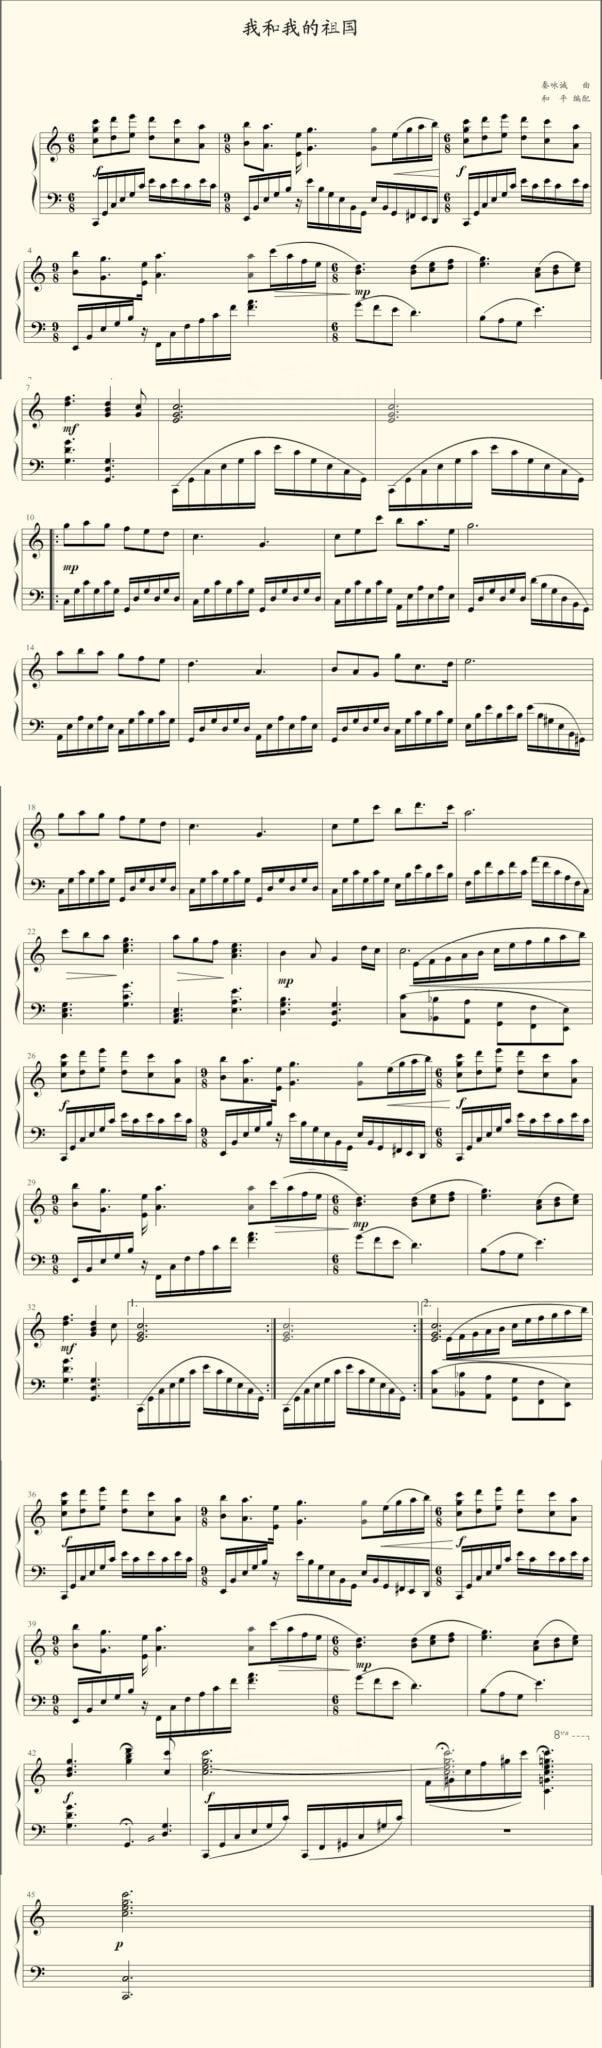 《我和我的祖国》琴谱